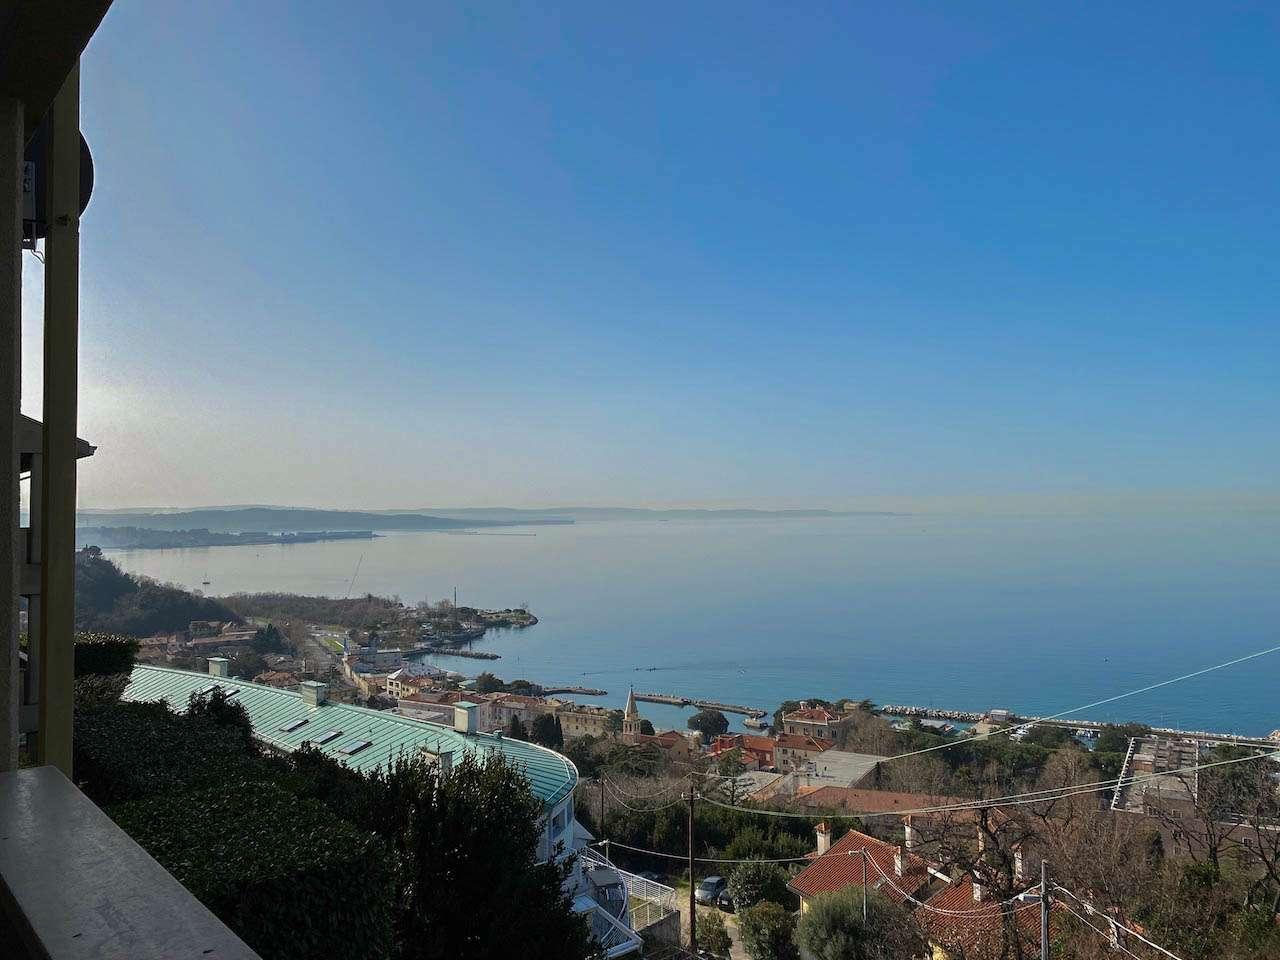 Appartamento in vendita a Trieste, 7 locali, prezzo € 438.000 | PortaleAgenzieImmobiliari.it